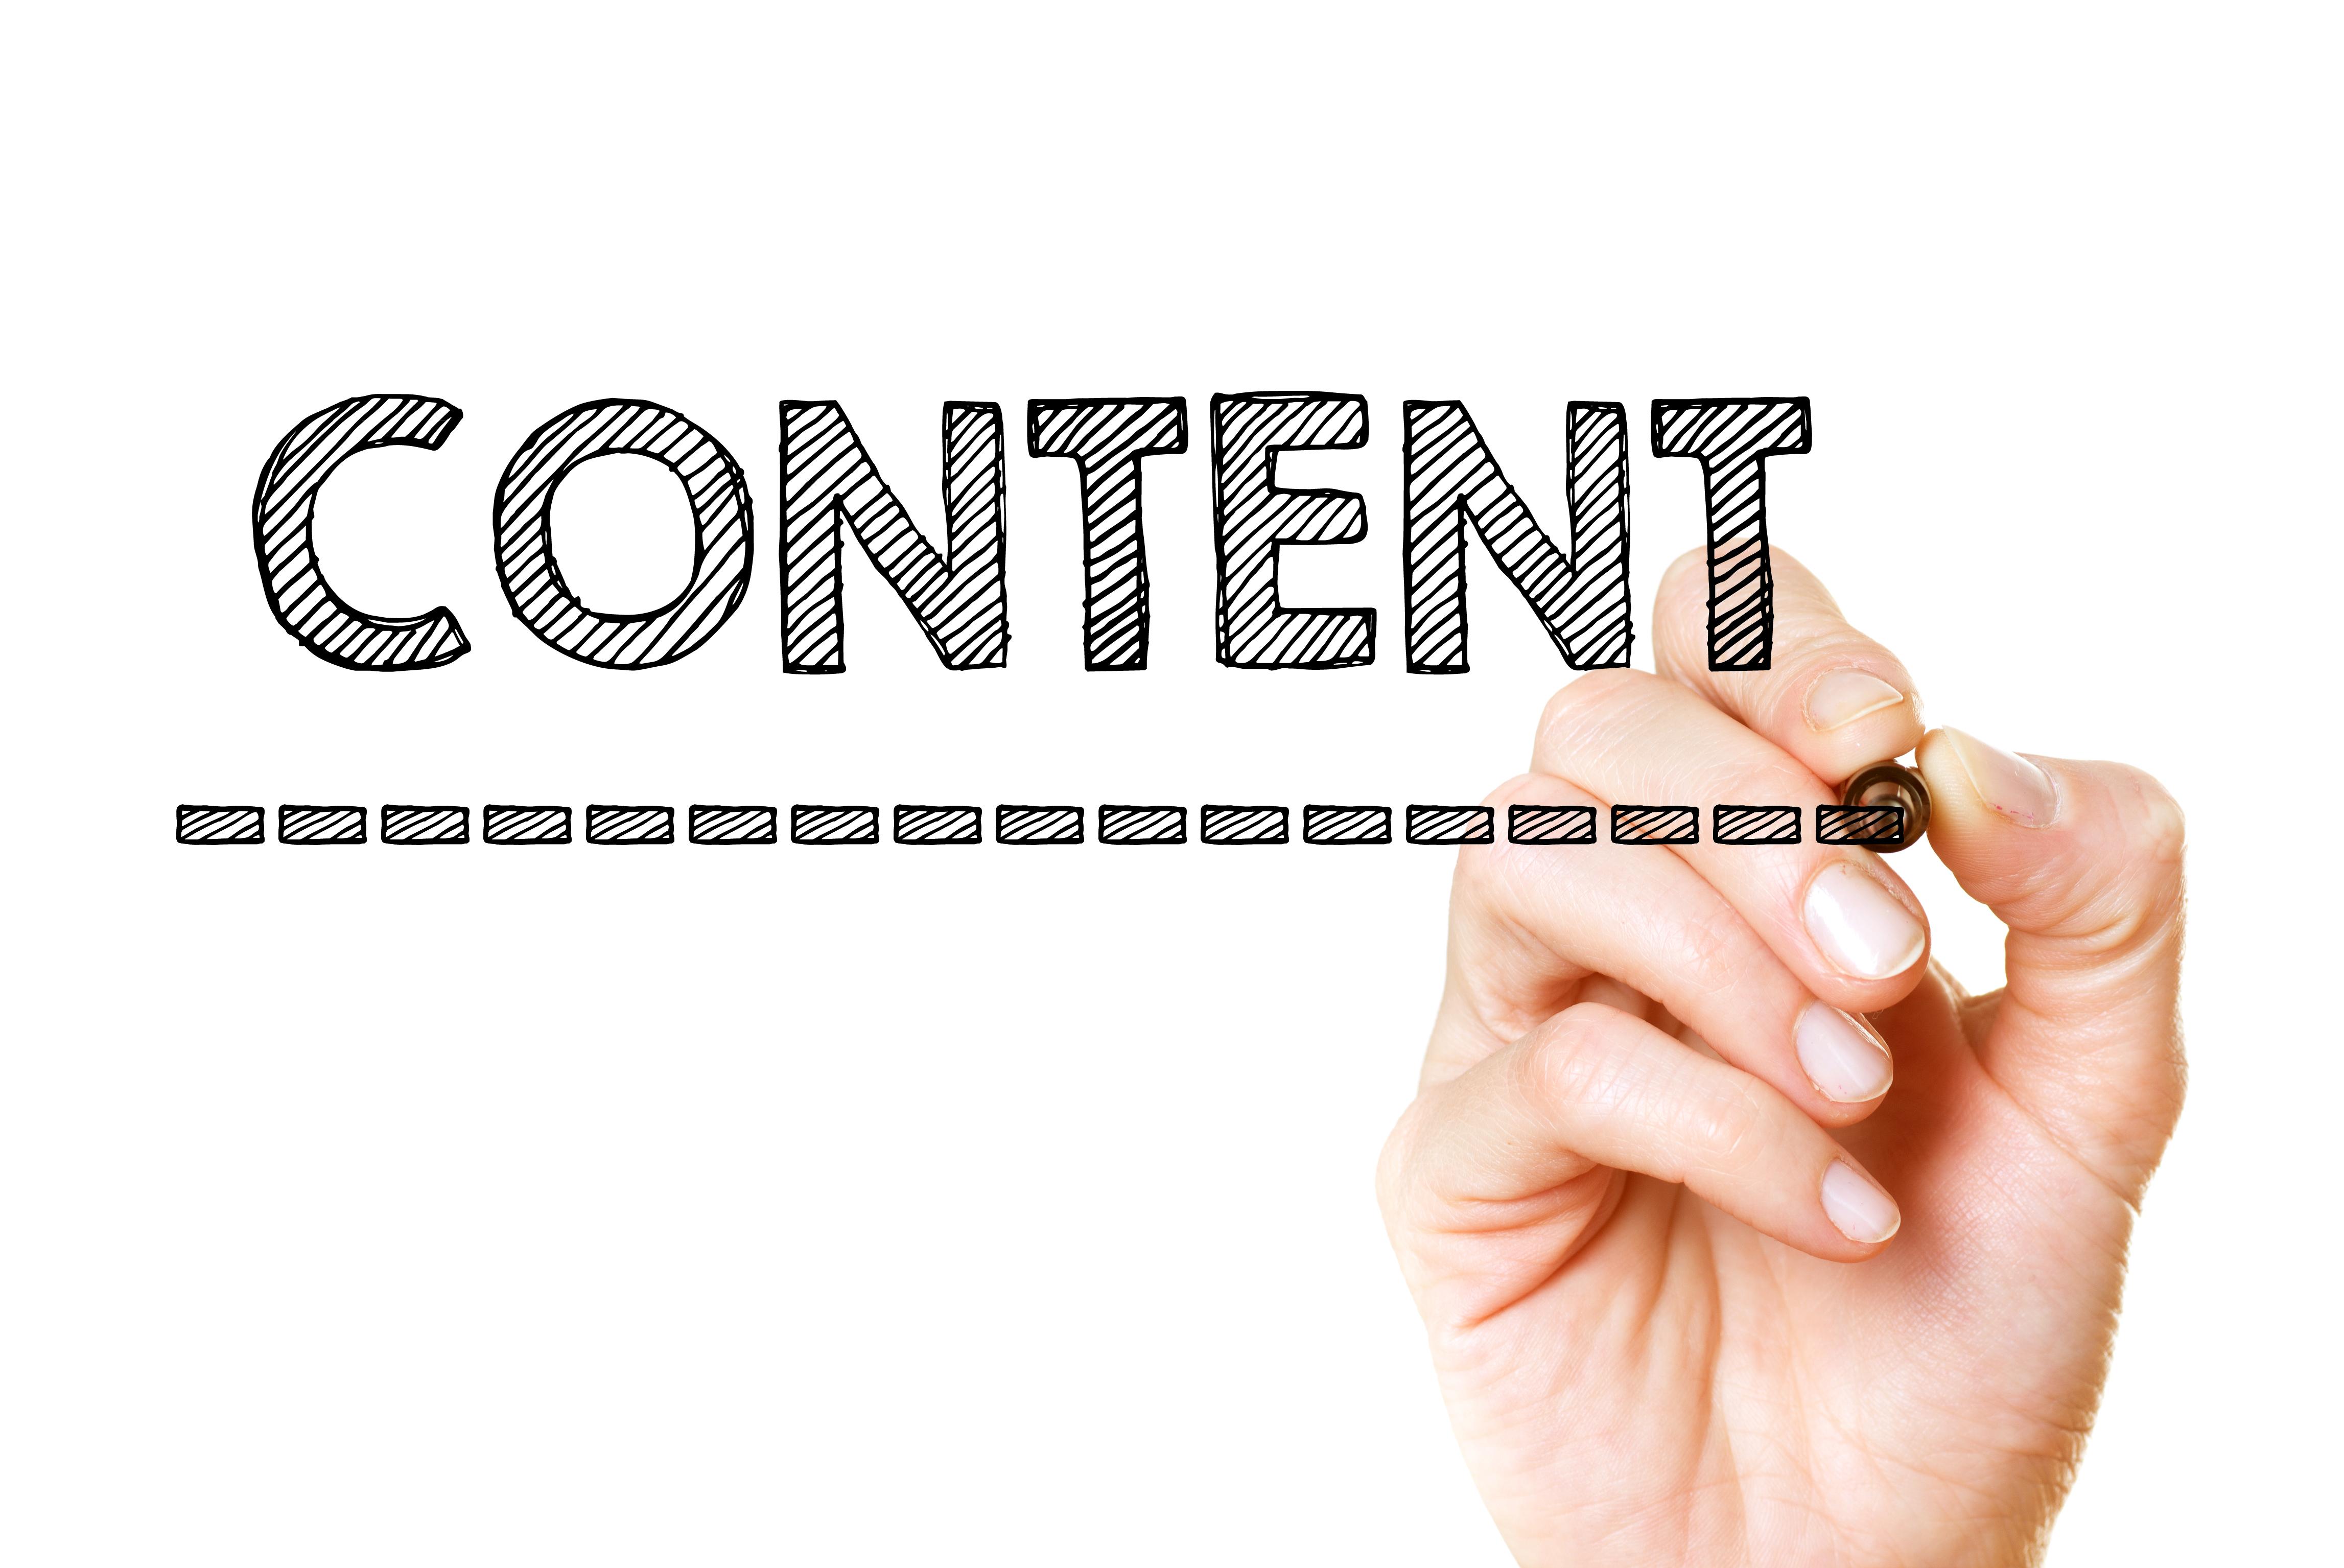 Come uno studio legale può beneficiare di una campagna di marketing dei contenuti efficiente